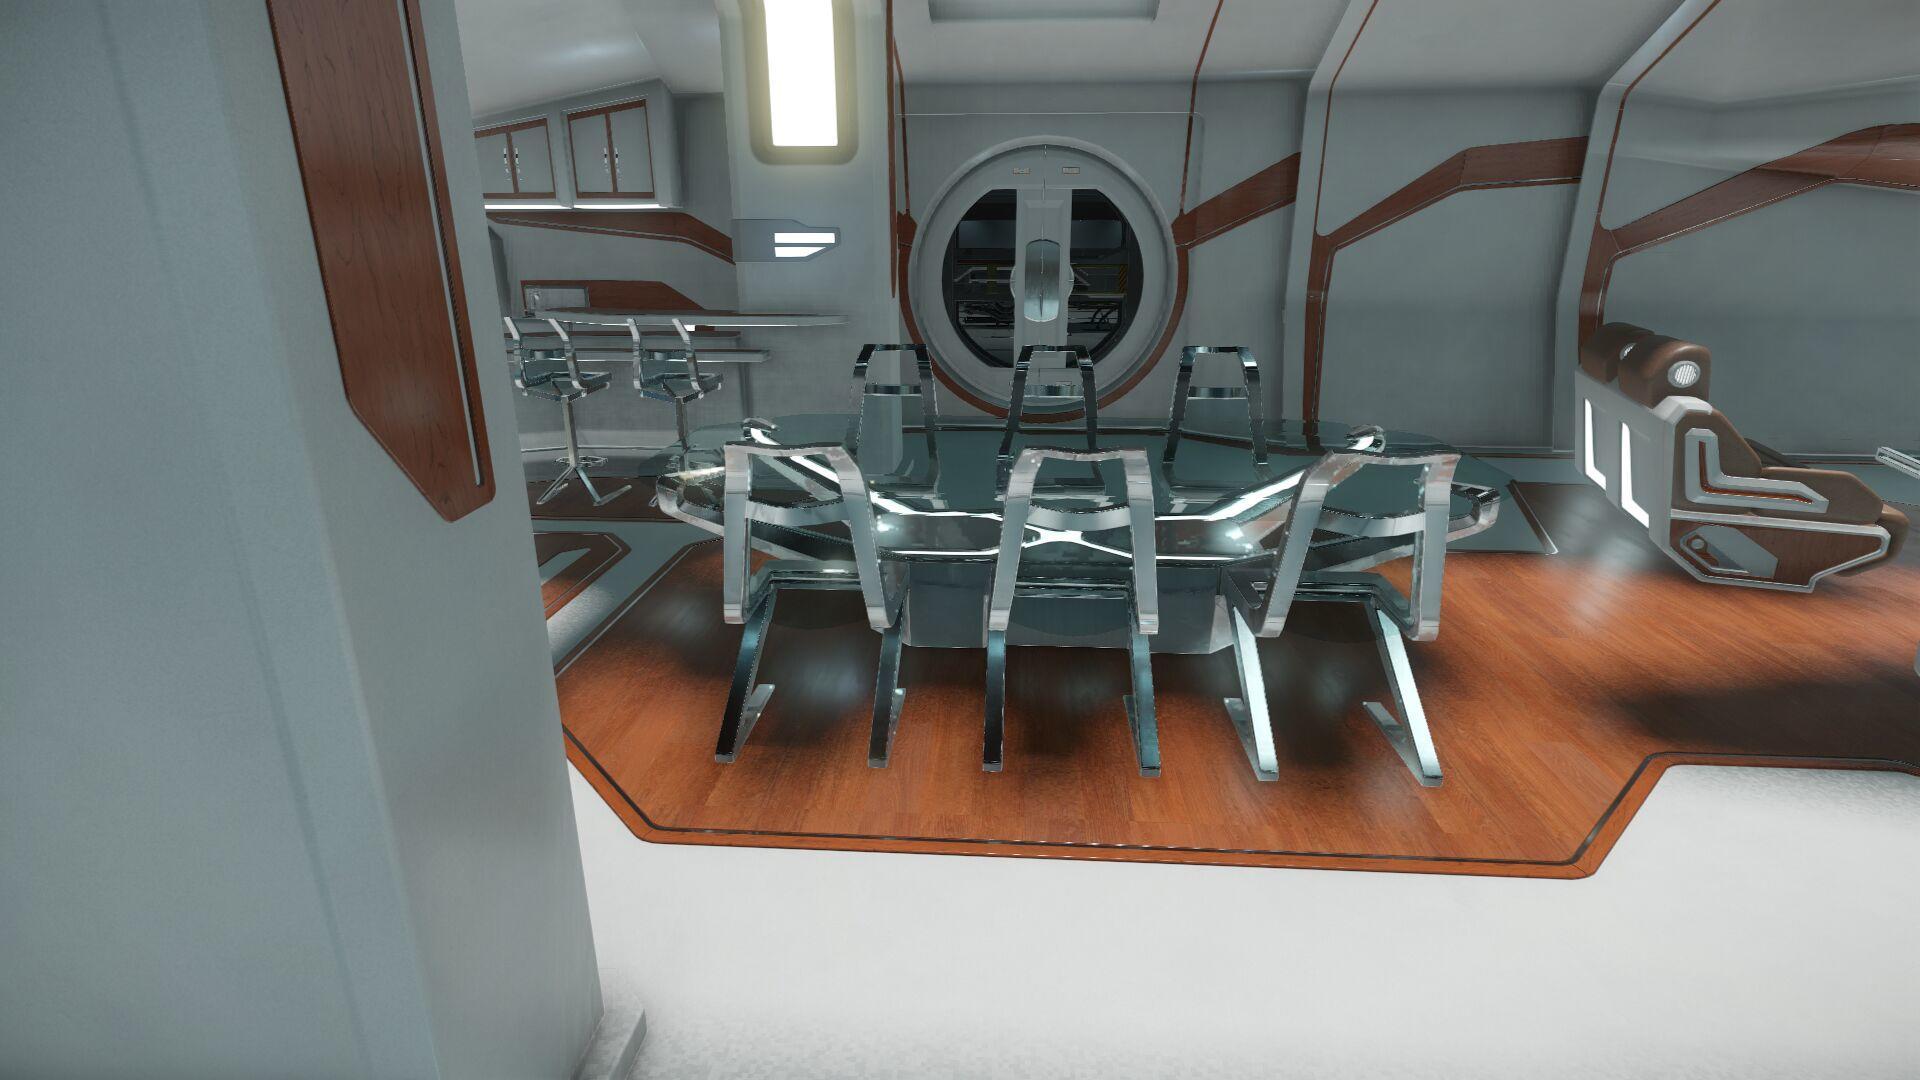 Wygląd wnętrza - główny pokład - sekcja dla gości - stół konferencyjny